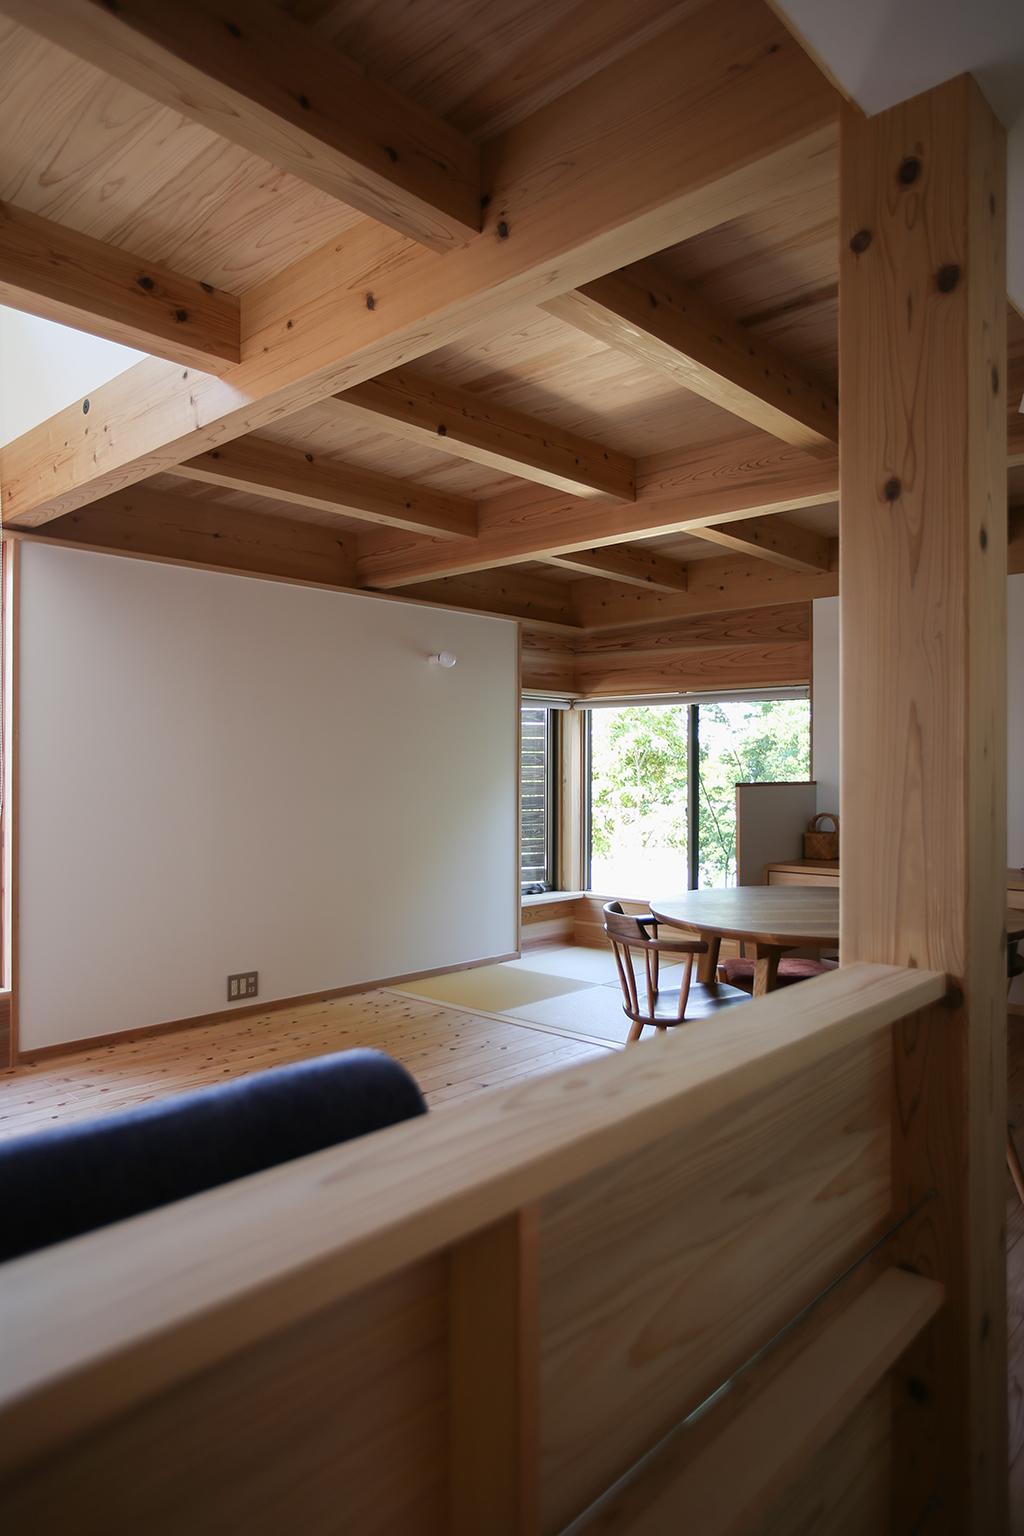 明石市の木の家 ディスプレイ棚のある廊下からリビングダイニングを見る